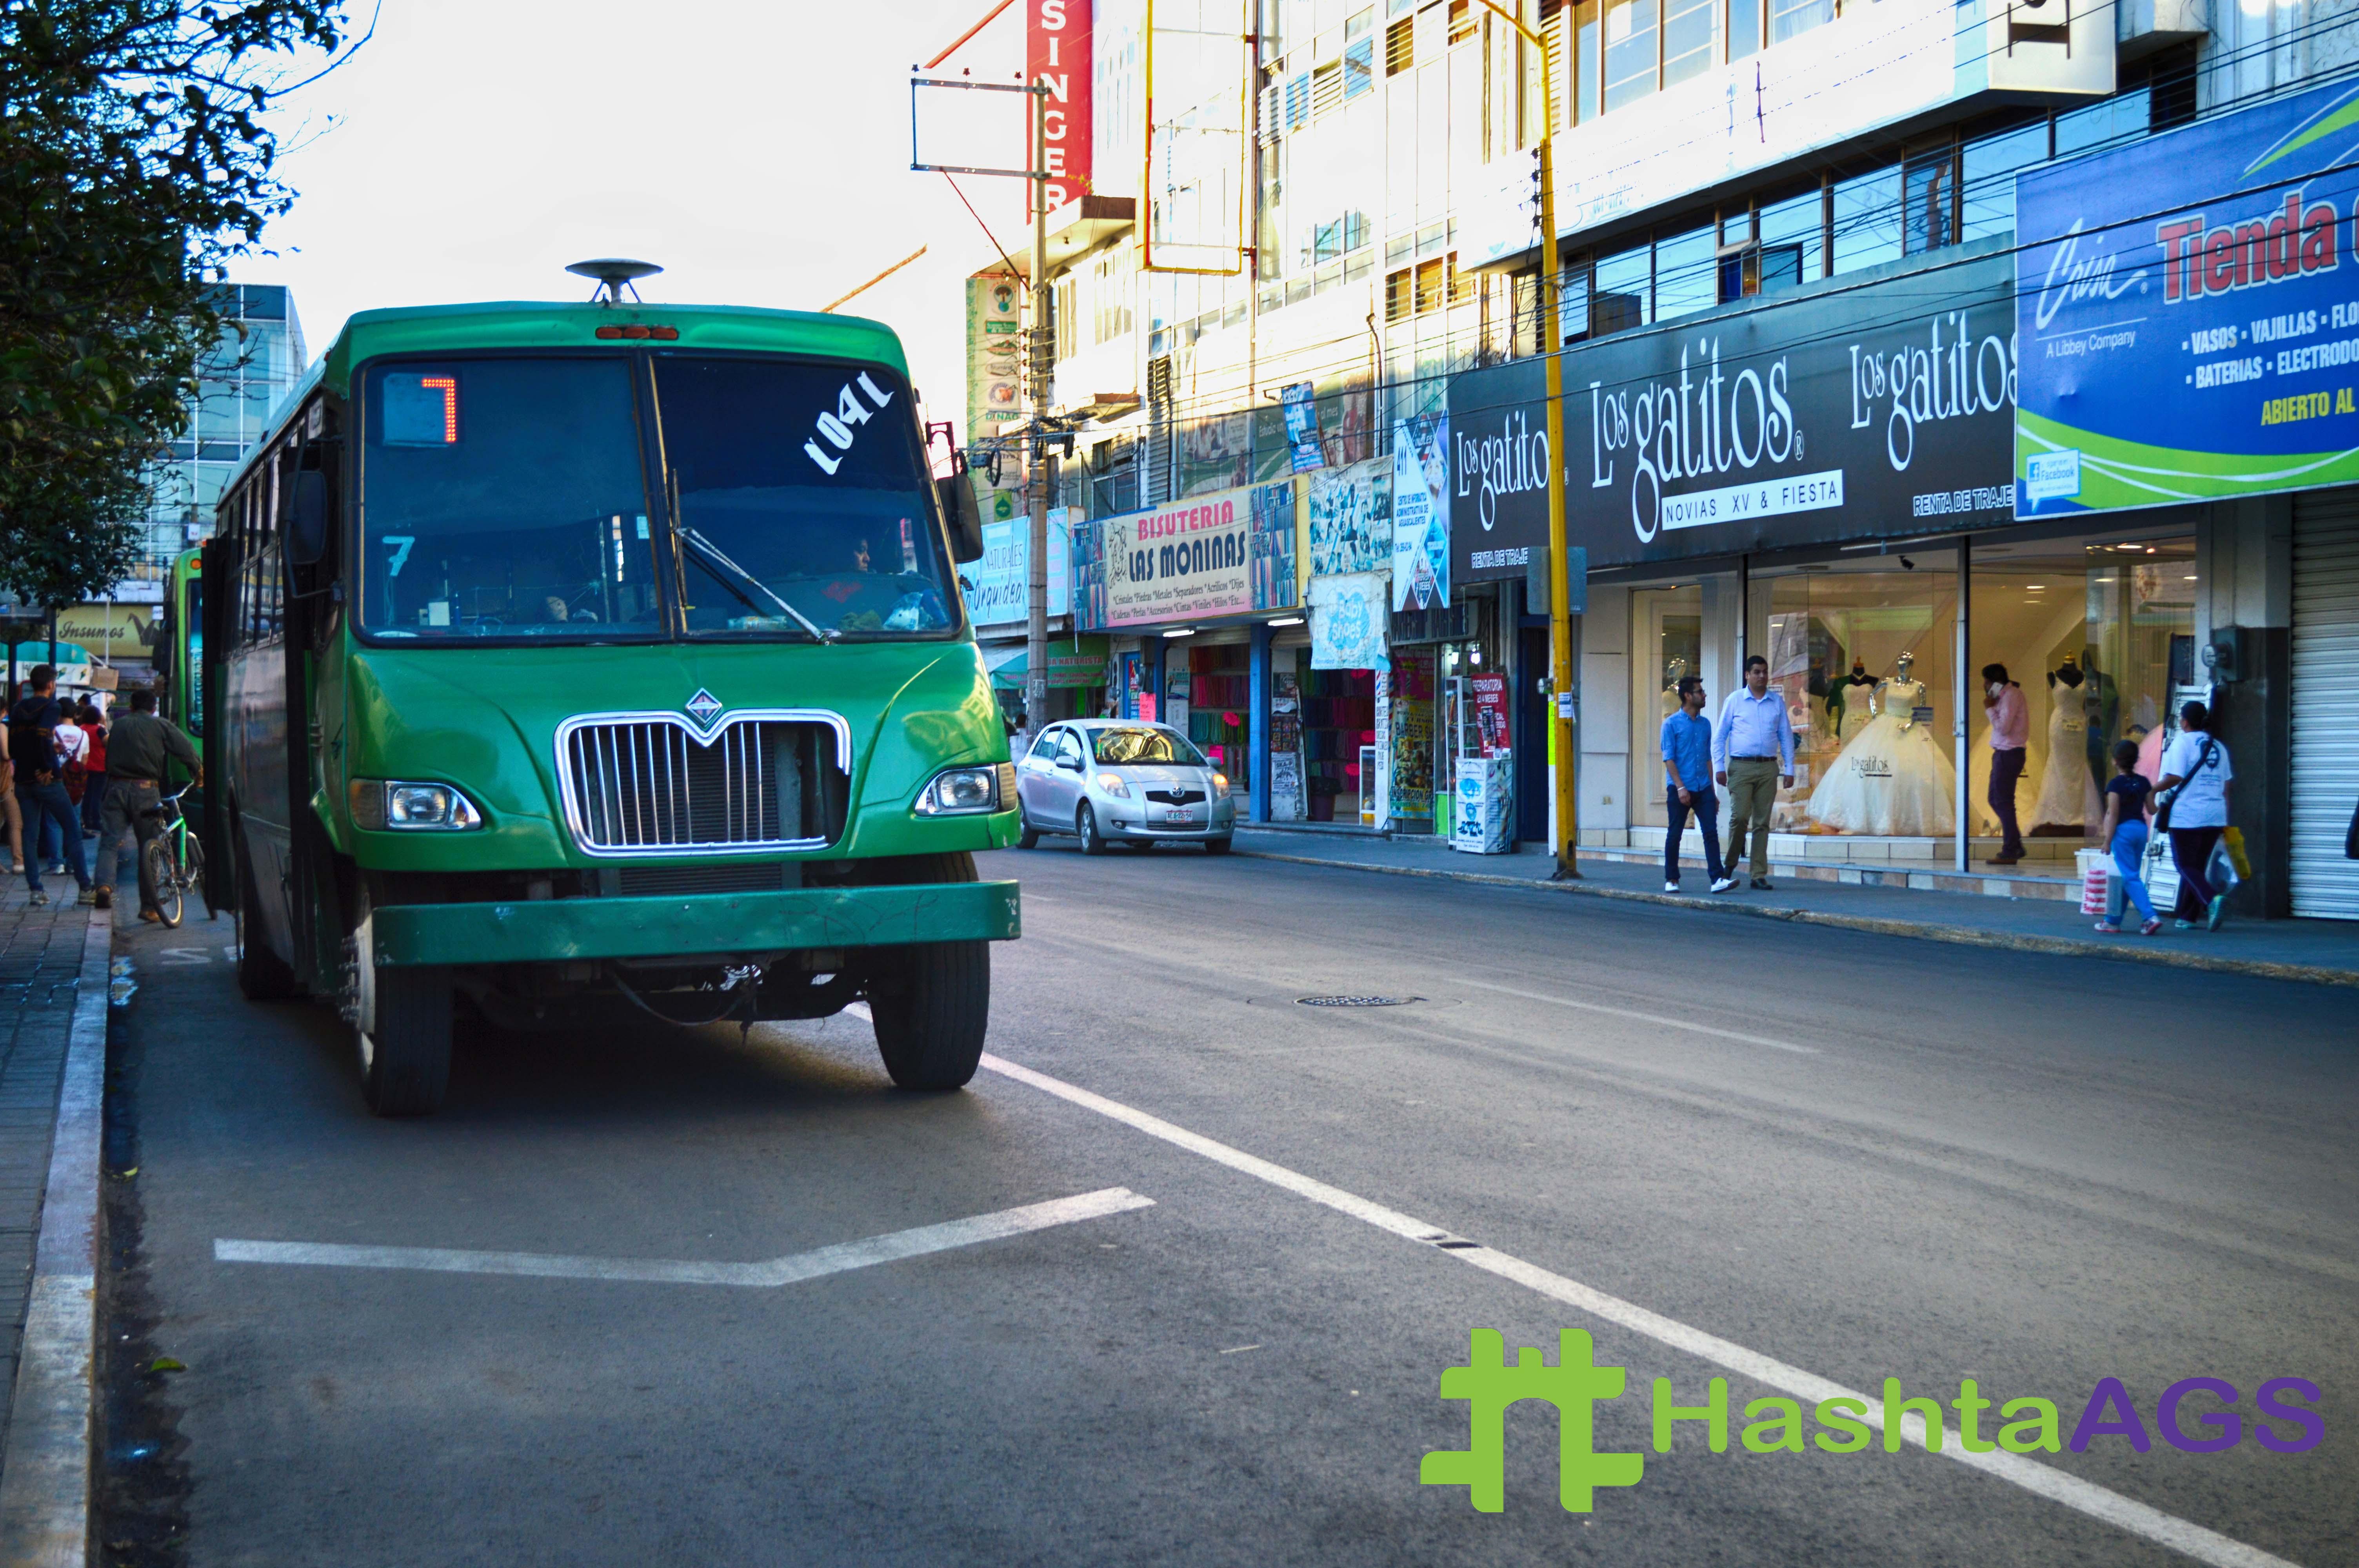 Se Dispara el Índice de Asaltos a Camiones Urbanos: Sindicato